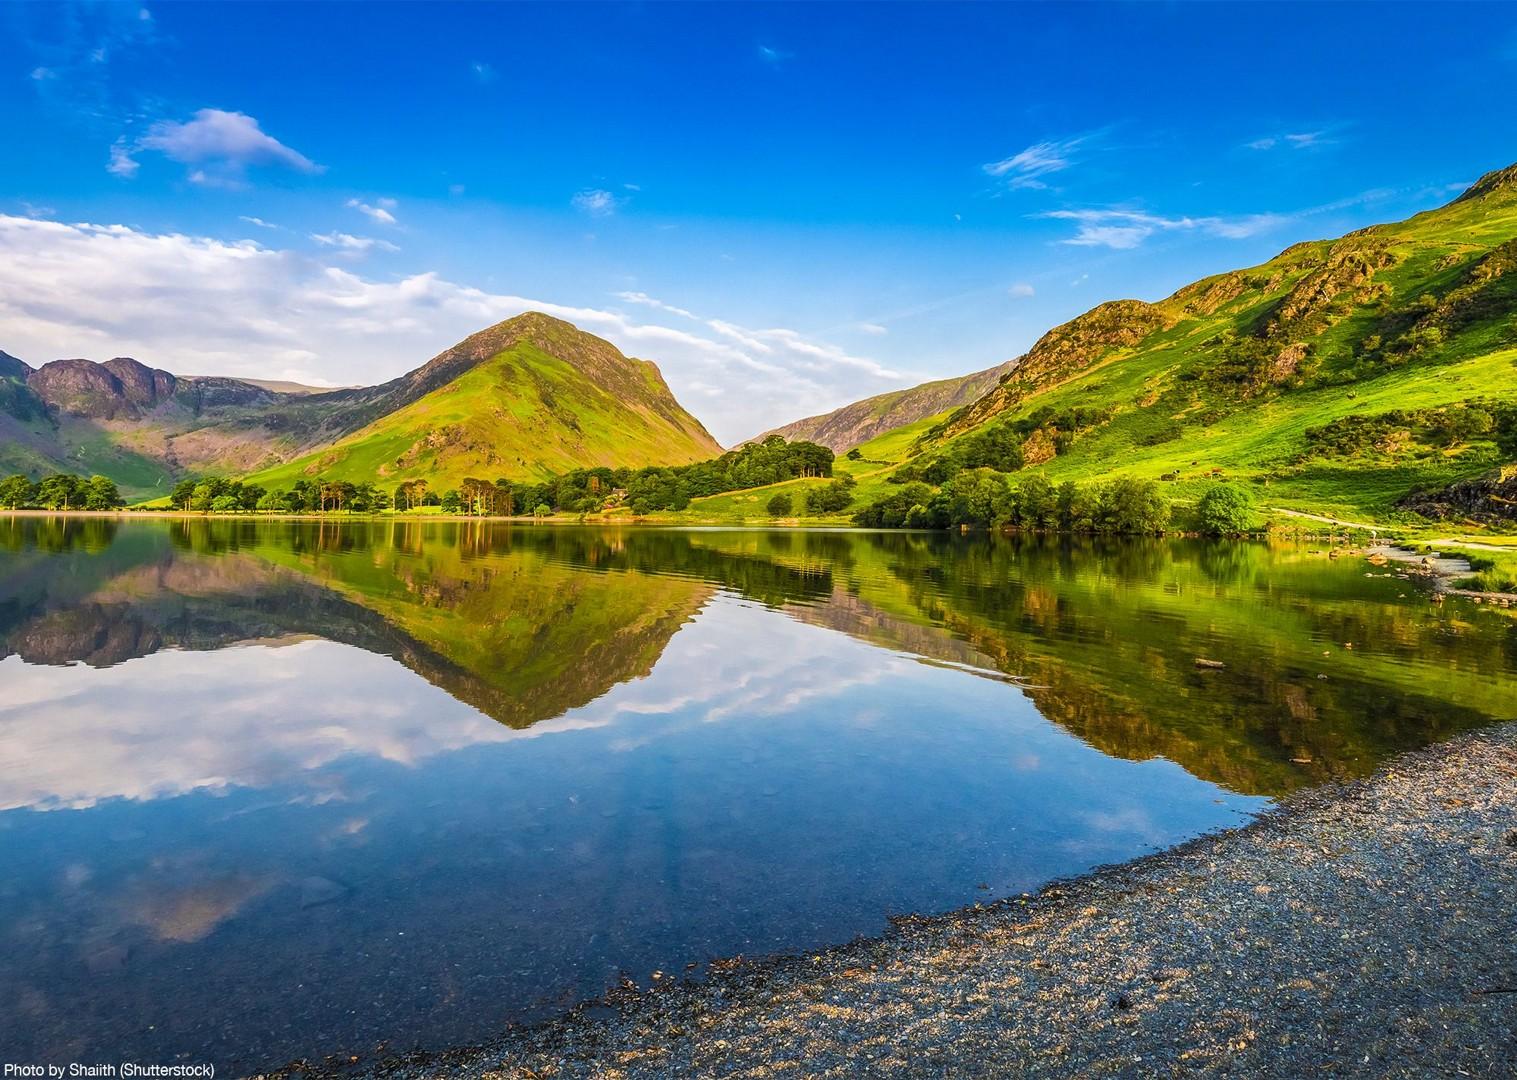 local-lakes-skiddaw-blencartha-mountains-biking-tour-skedaddle.jpg - UK - Lake District - Derwent Water - Guided Leisure Cycling Holiday - Leisure Cycling